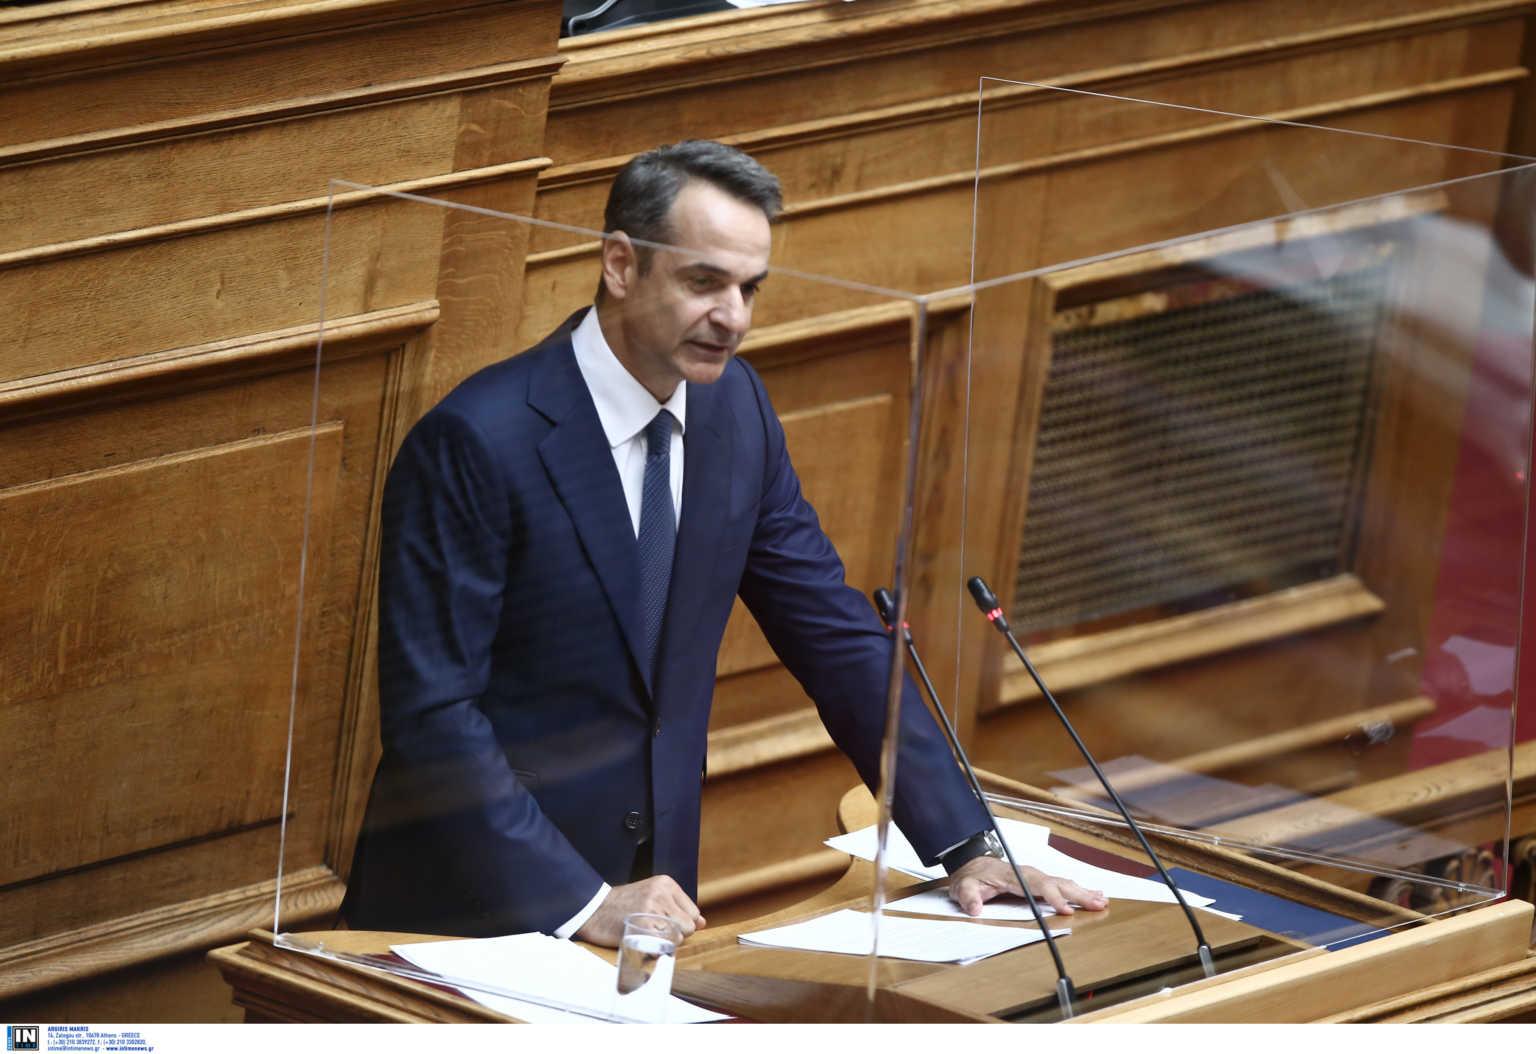 ΑΠΕΥΘΕΙΑΣ – Η ομιλία του Κυριάκου Μητσοτάκη στη Βουλή για το νομοσχέδιο για τις διαδηλώσεις